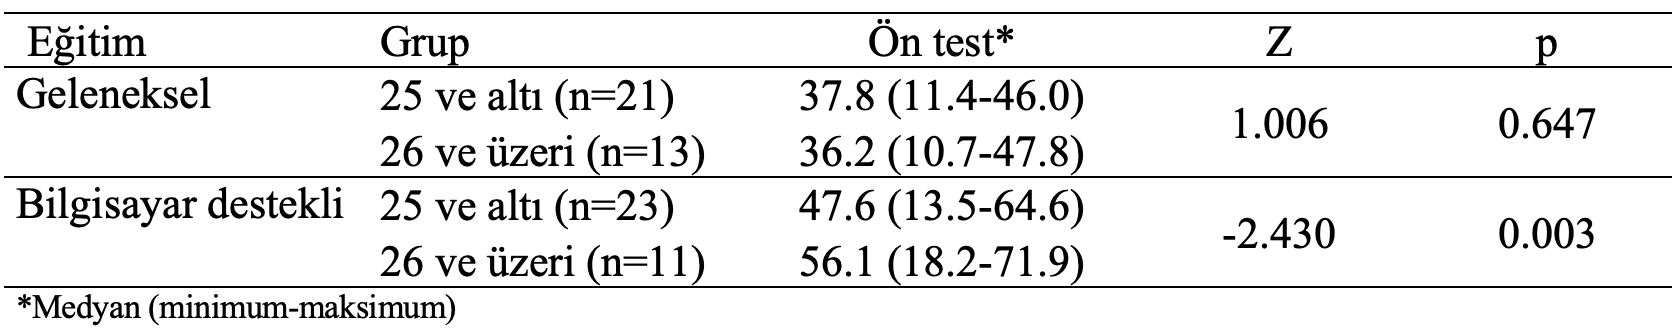 geleneksel-bilgisayar-destekli ön test yaş gruplarına karşılaştırma